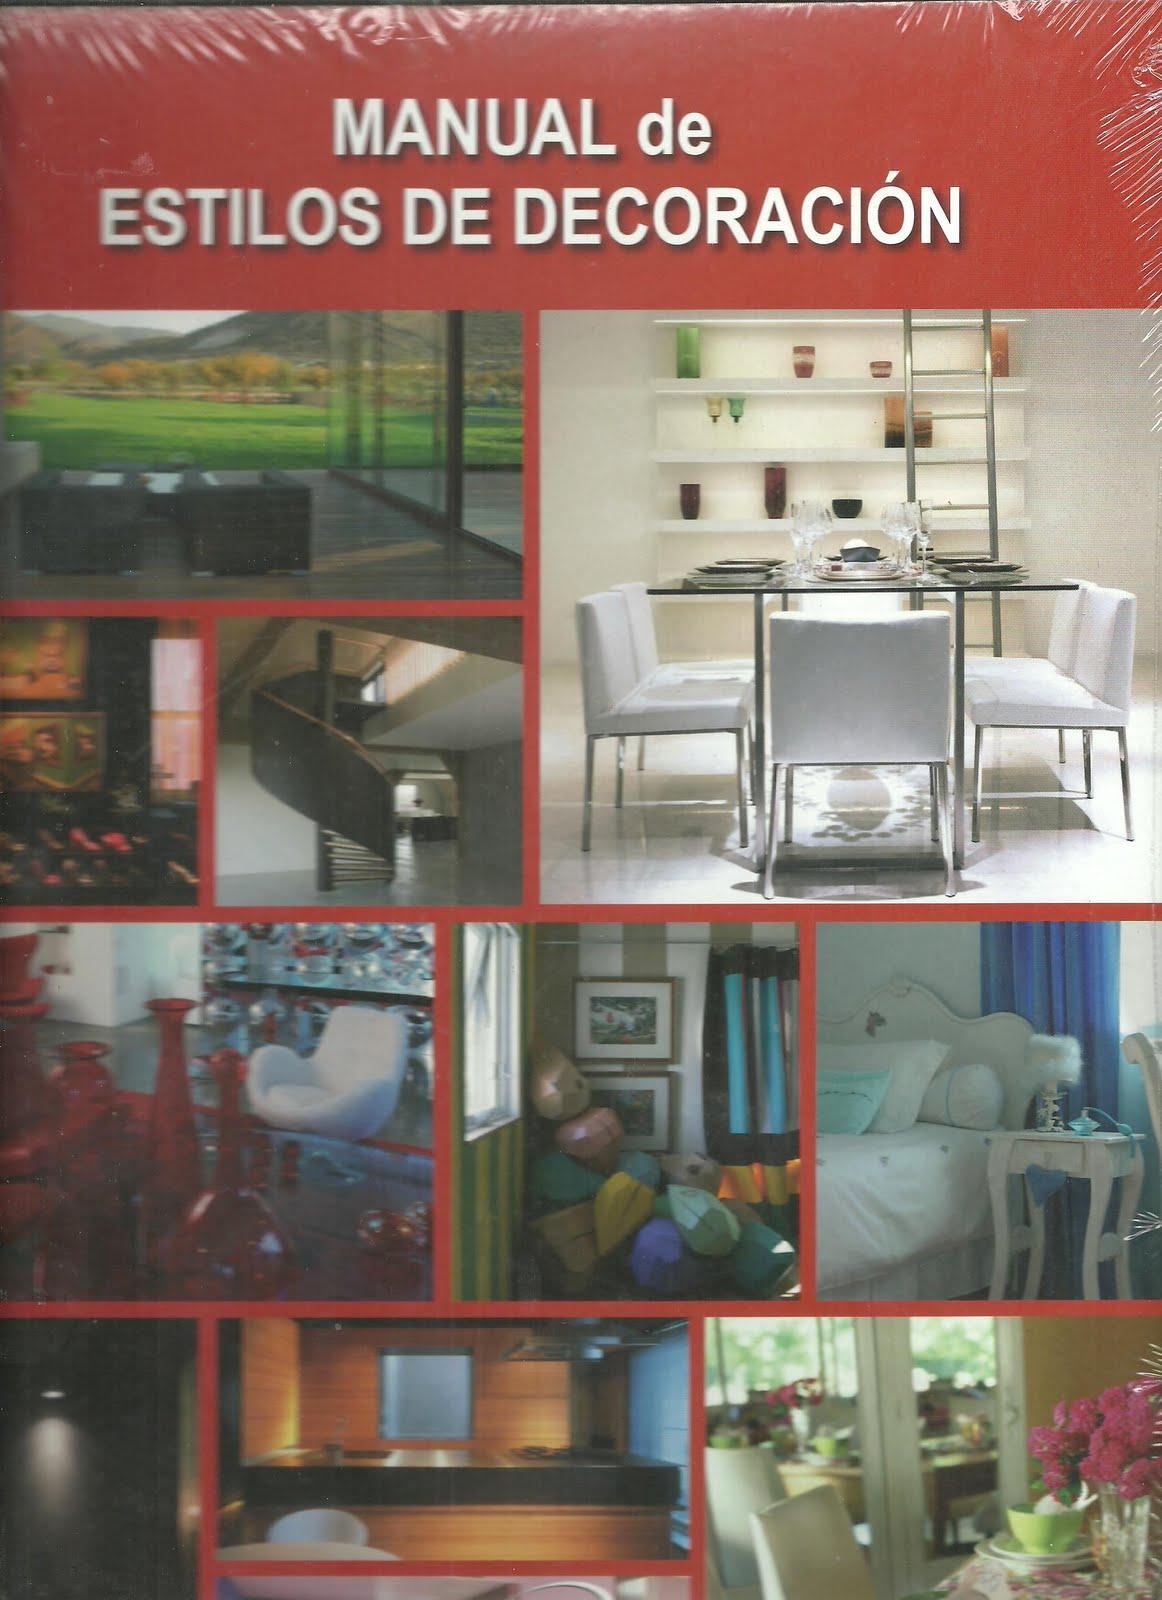 Libros dvds cd roms enciclopedias educaci n preescolar - Decoracion manau sl ...